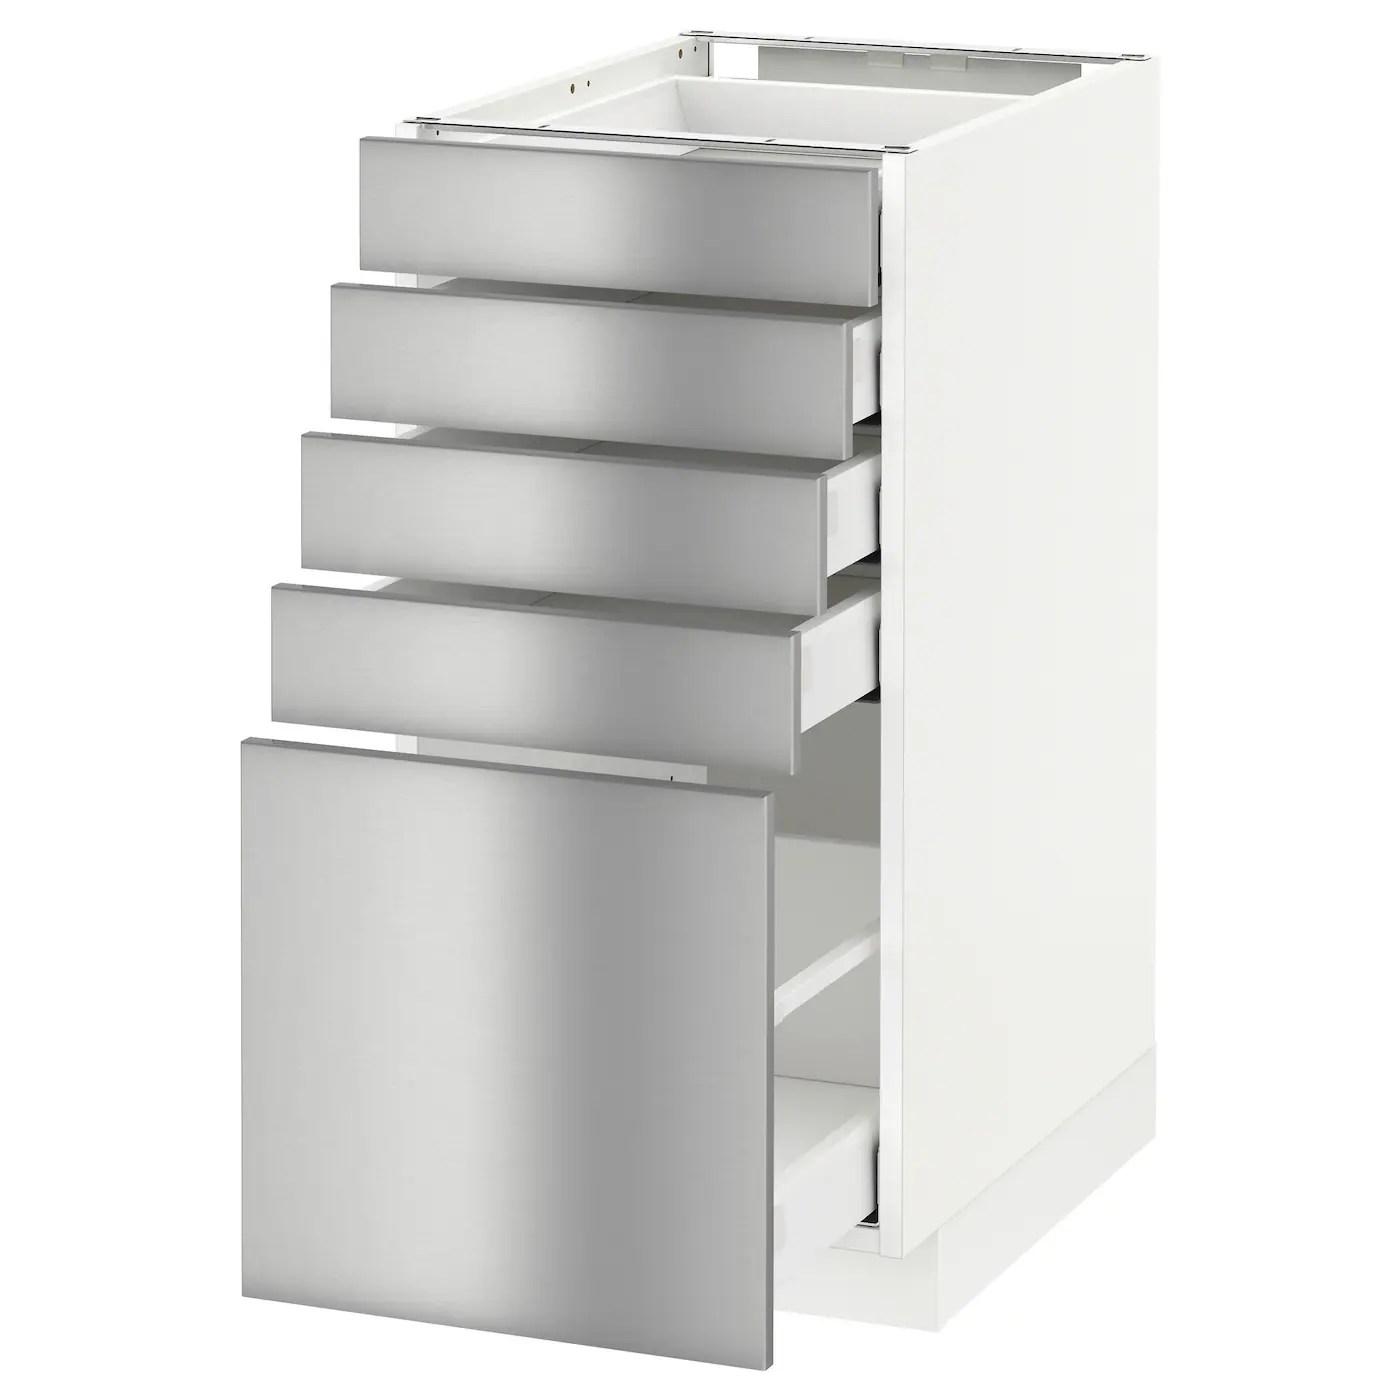 5 drawer kitchen base cabinet black subway tile metod maximera with drawers white grevsta